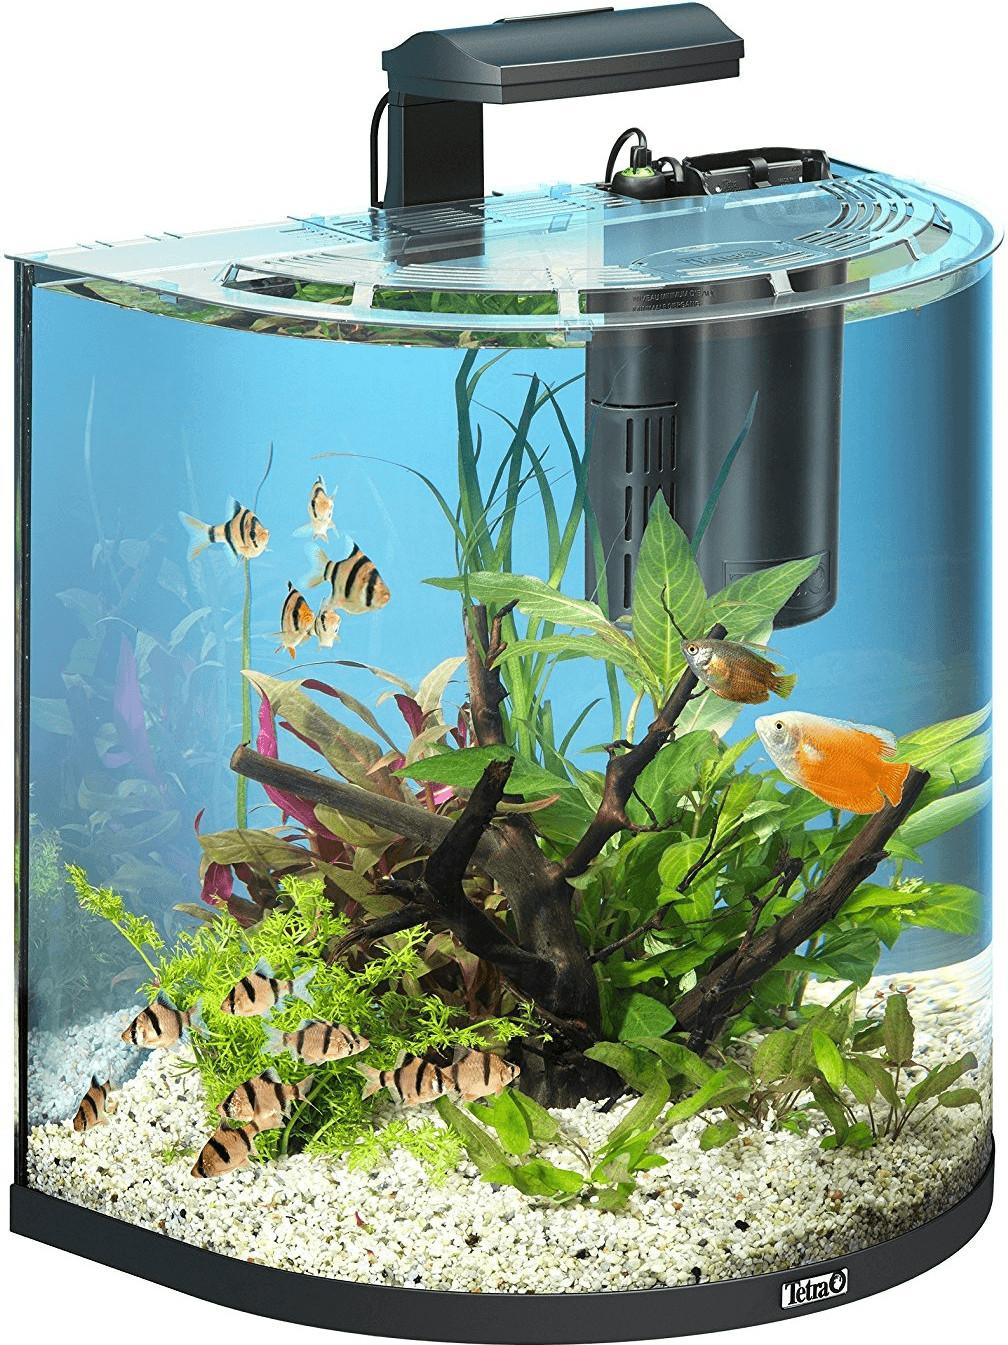 rabatt tetra aquaart explorer line aquarium set 60l anthrazit. Black Bedroom Furniture Sets. Home Design Ideas